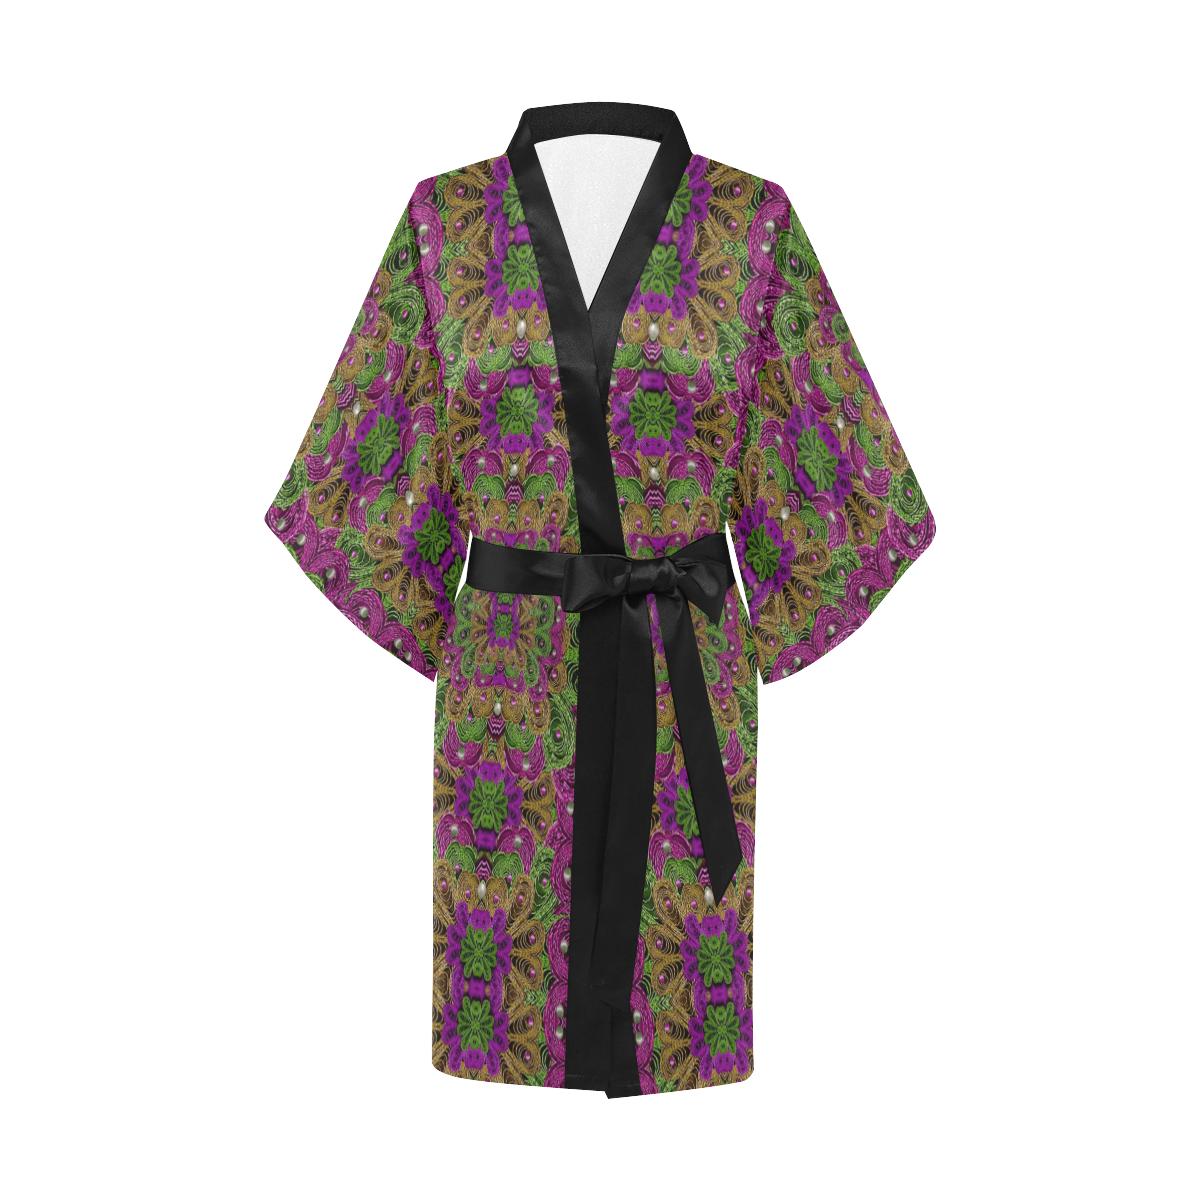 Peacock lace in the nature Kimono Robe